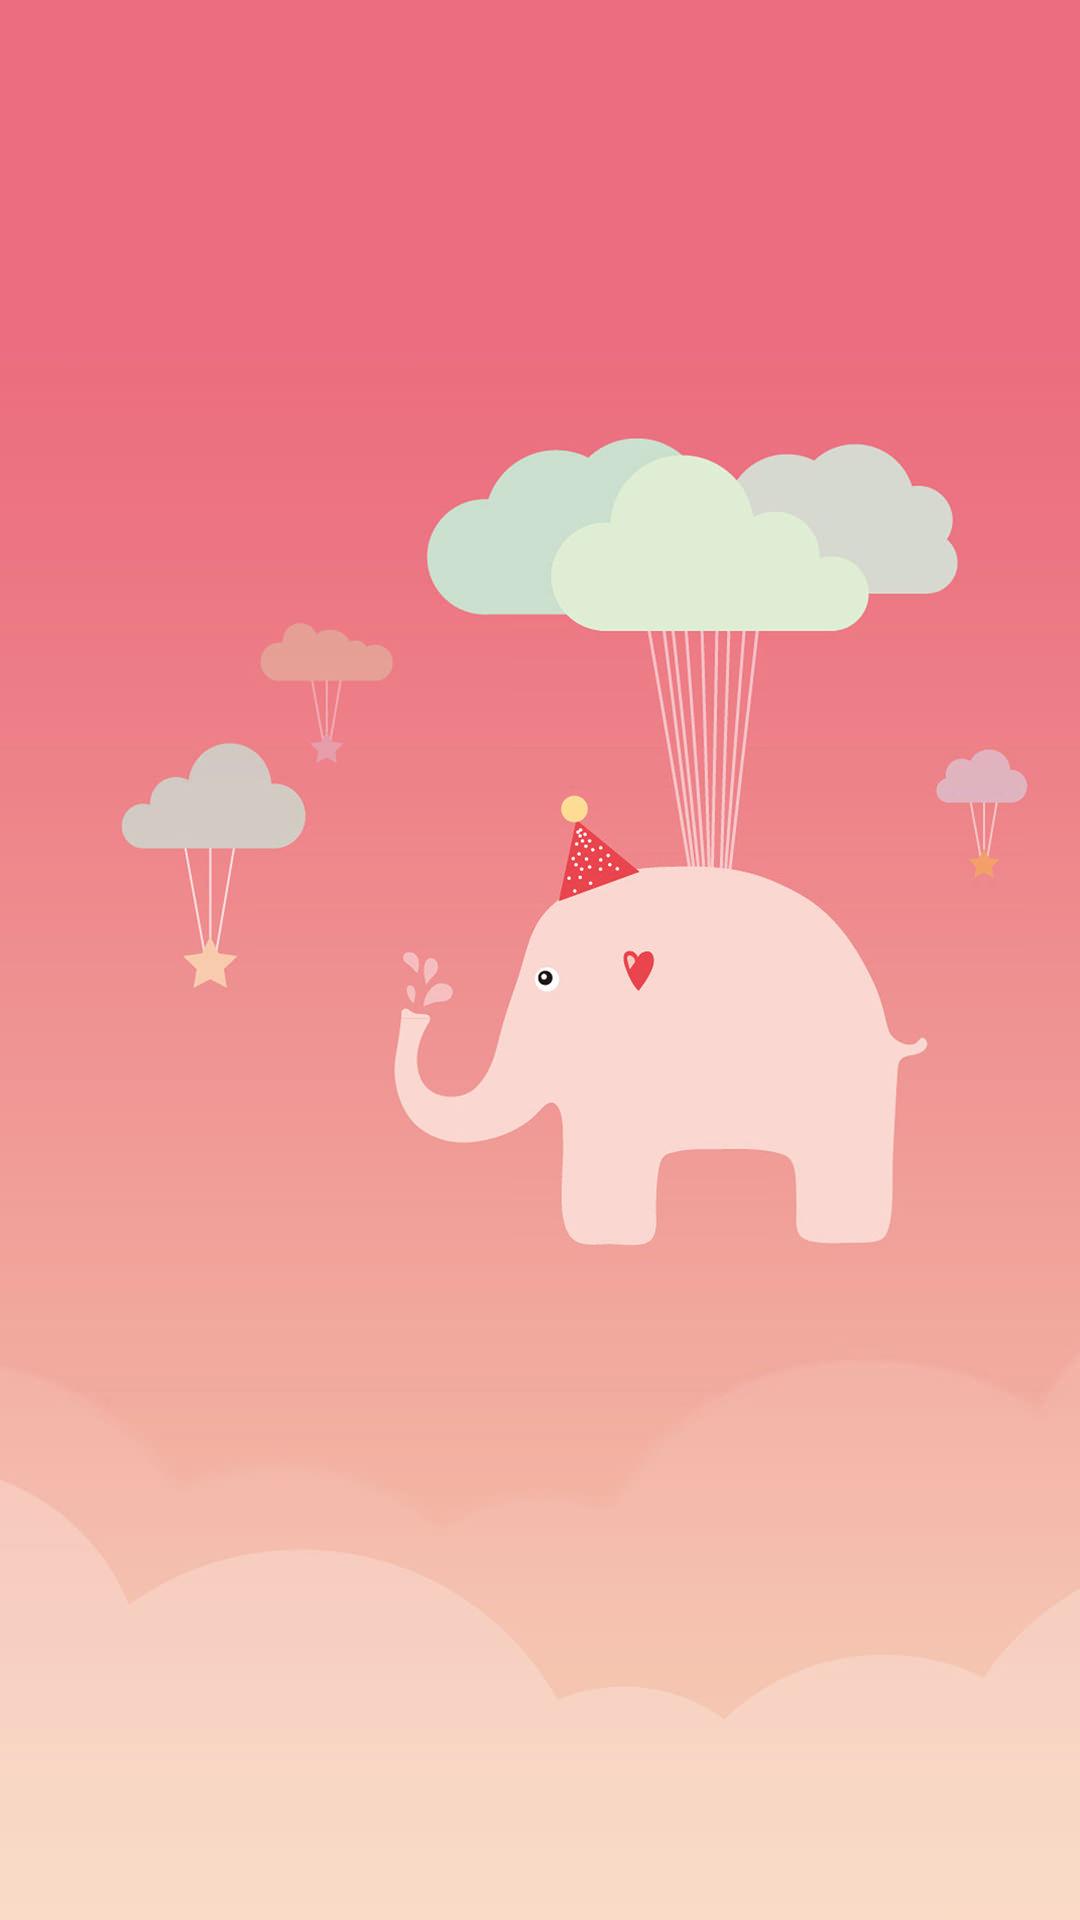 空飛ぶ象さん iPhone6 Plus 壁紙